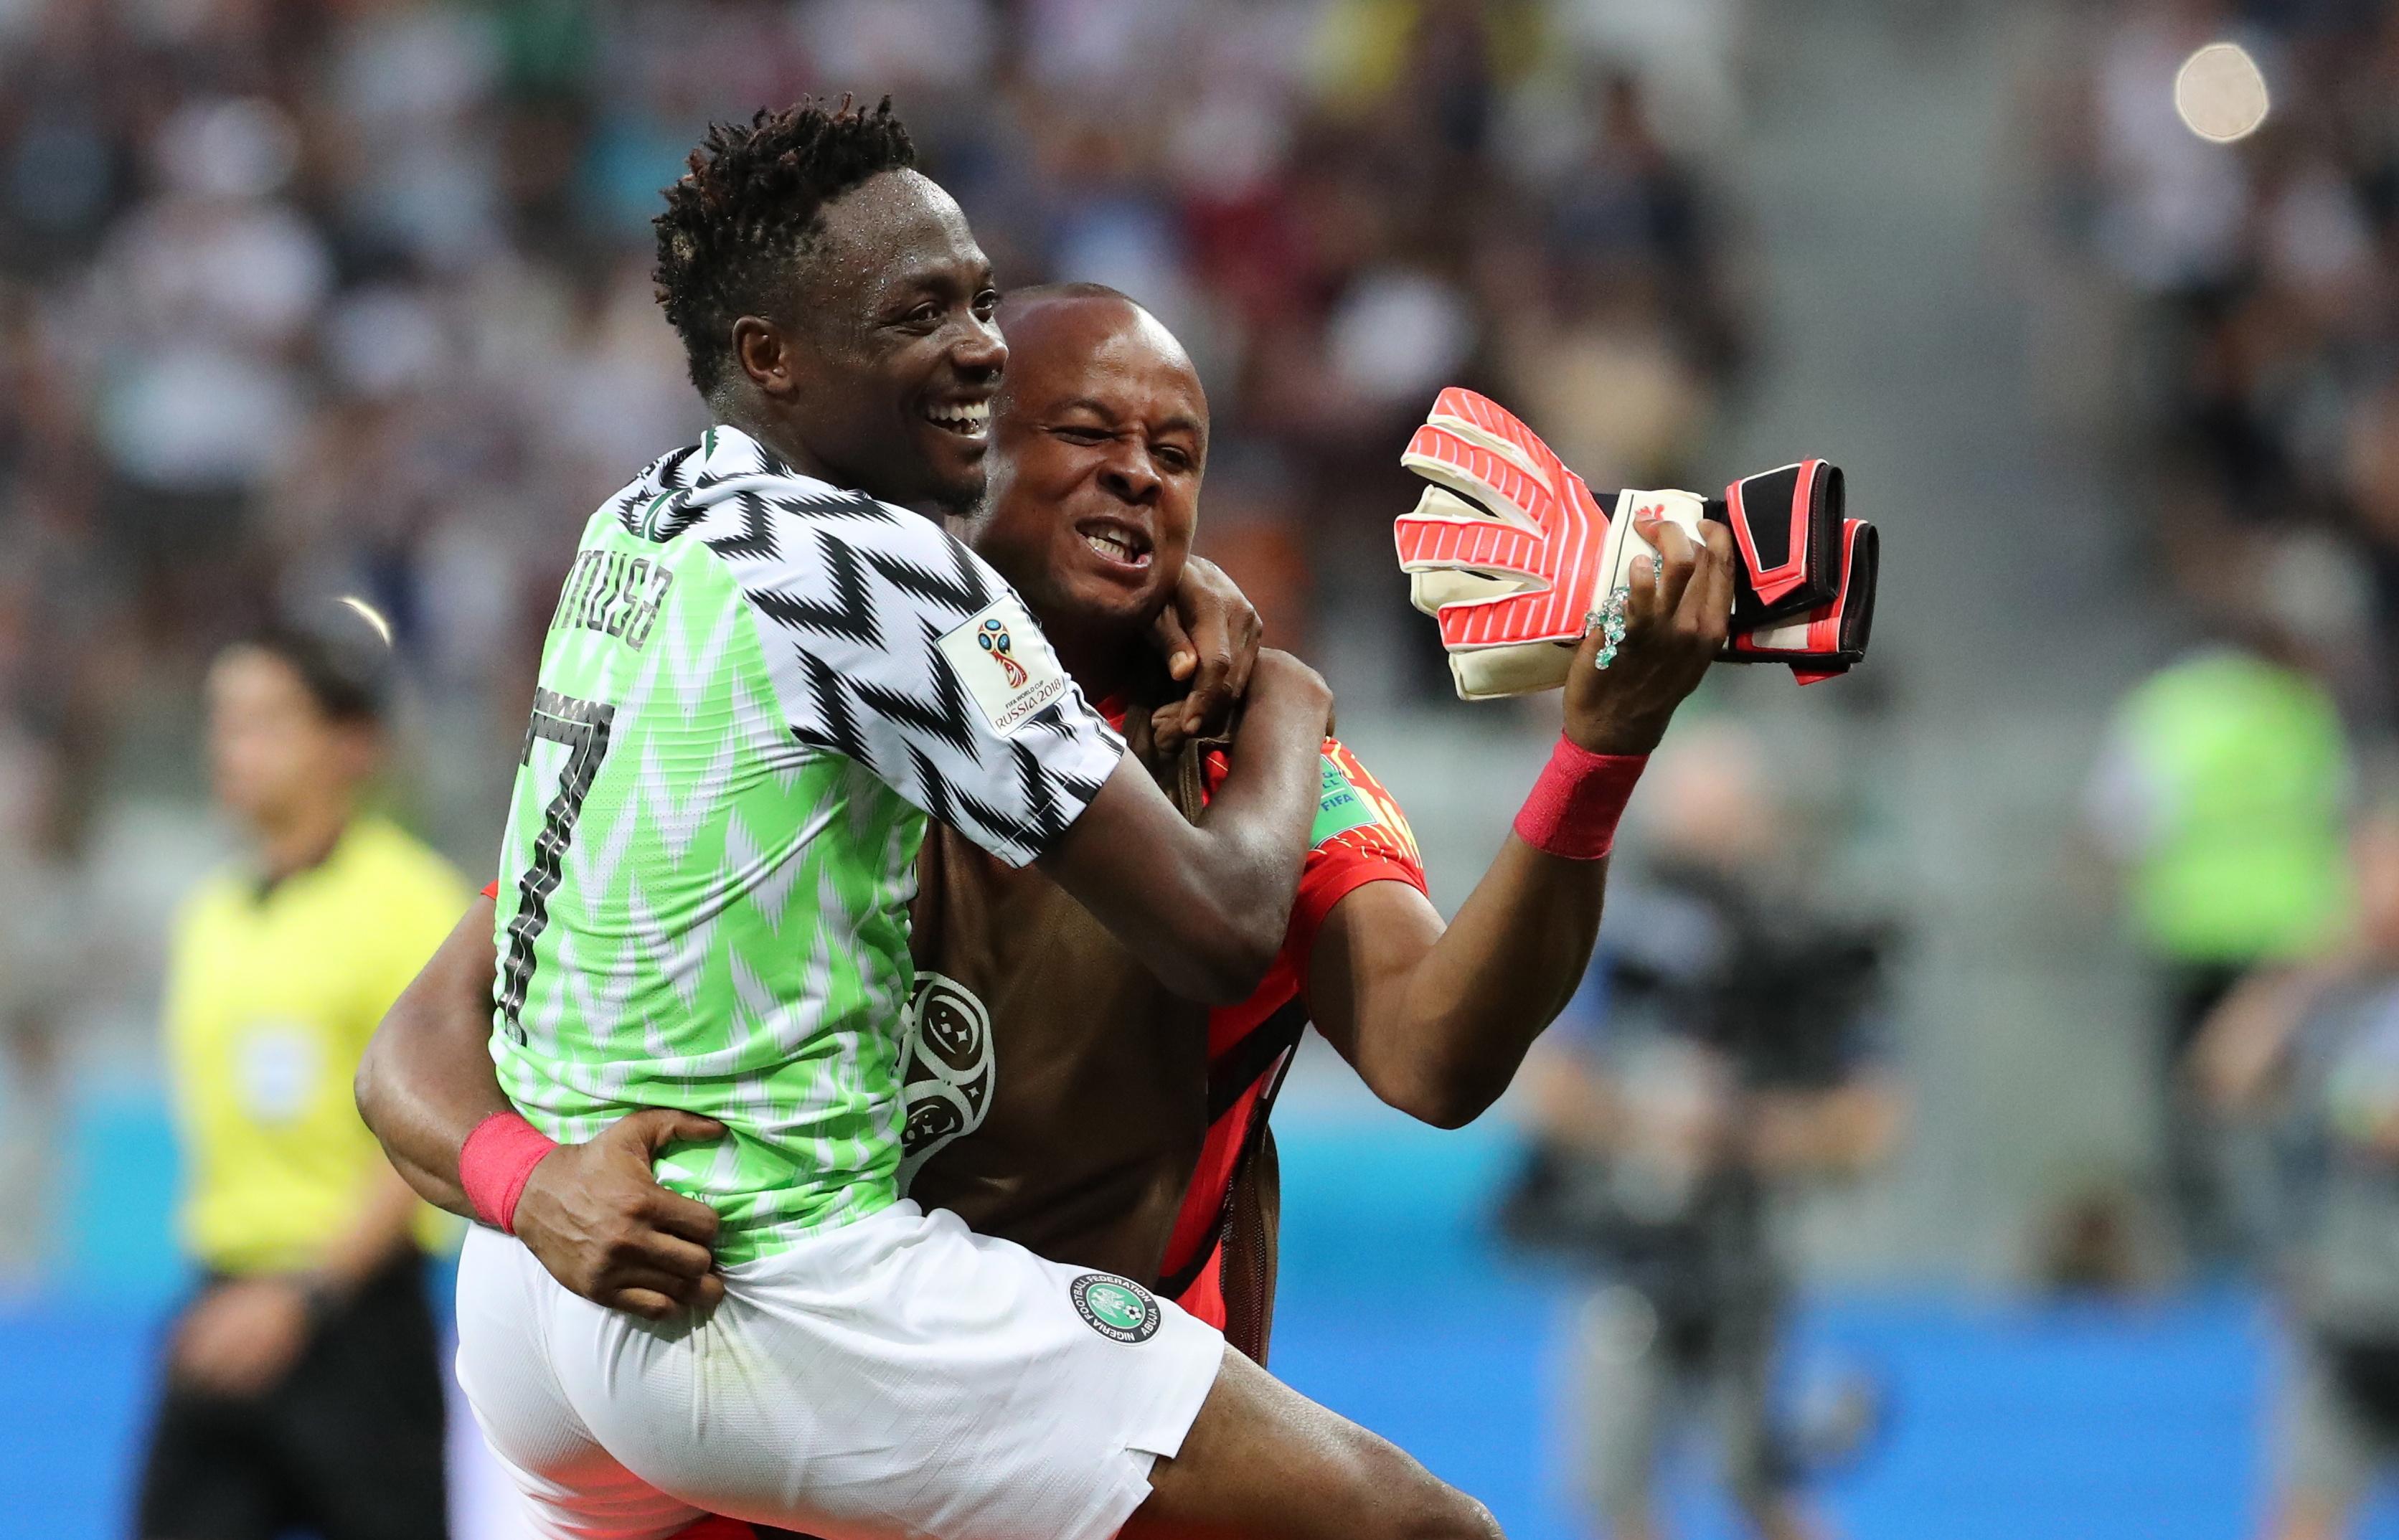 Os números do Nigéria-Islândia: Musa foi a inspiração das 'Super Águias'